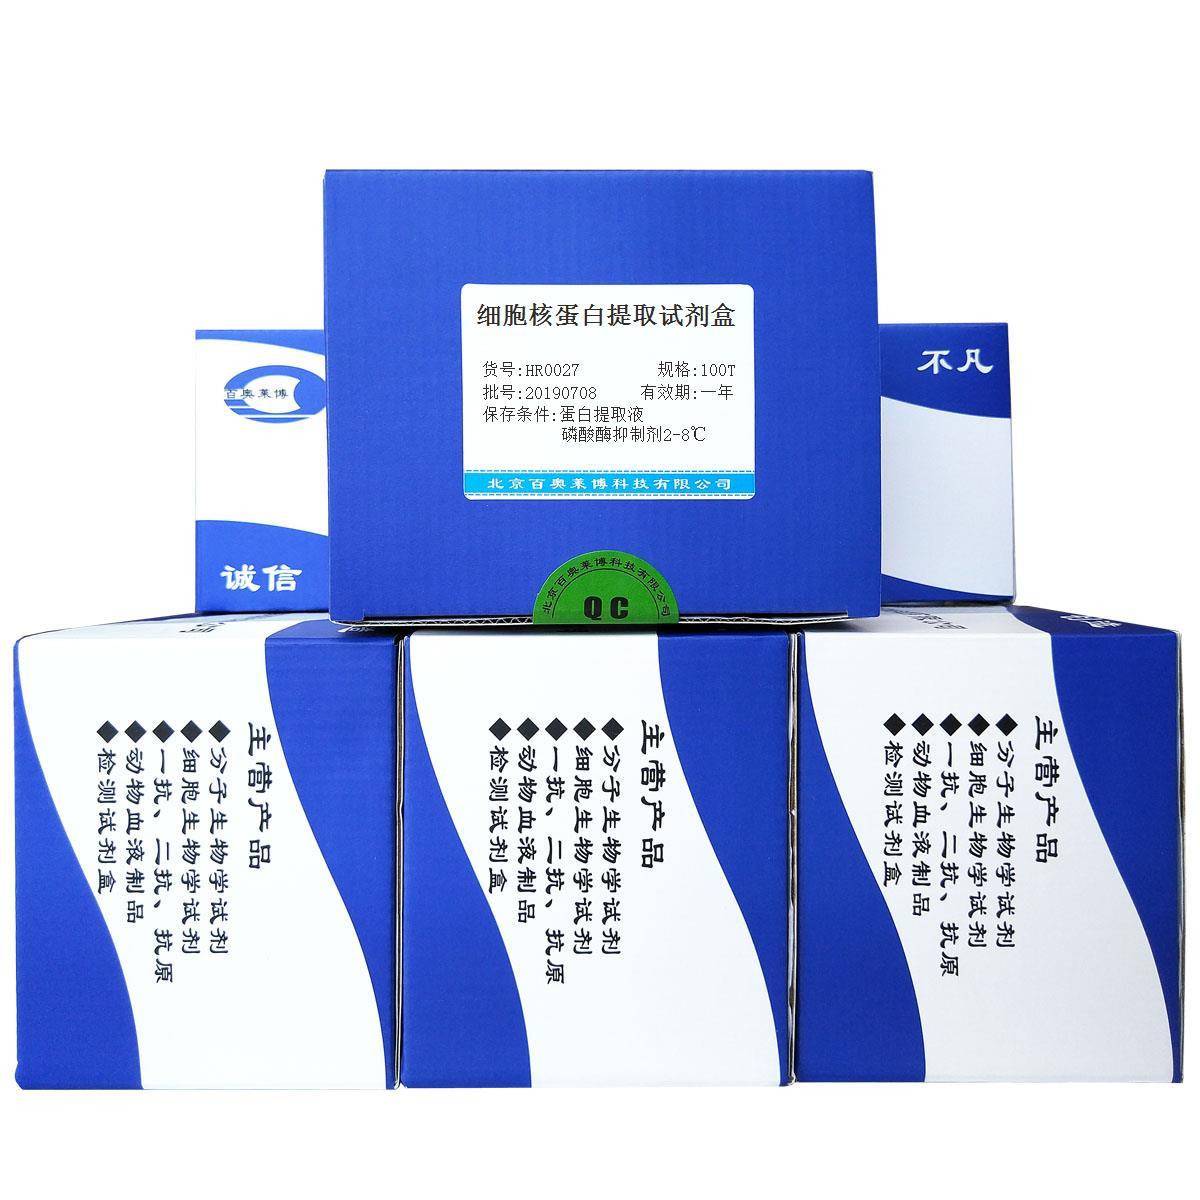 细胞核蛋白提取试剂盒现货供应